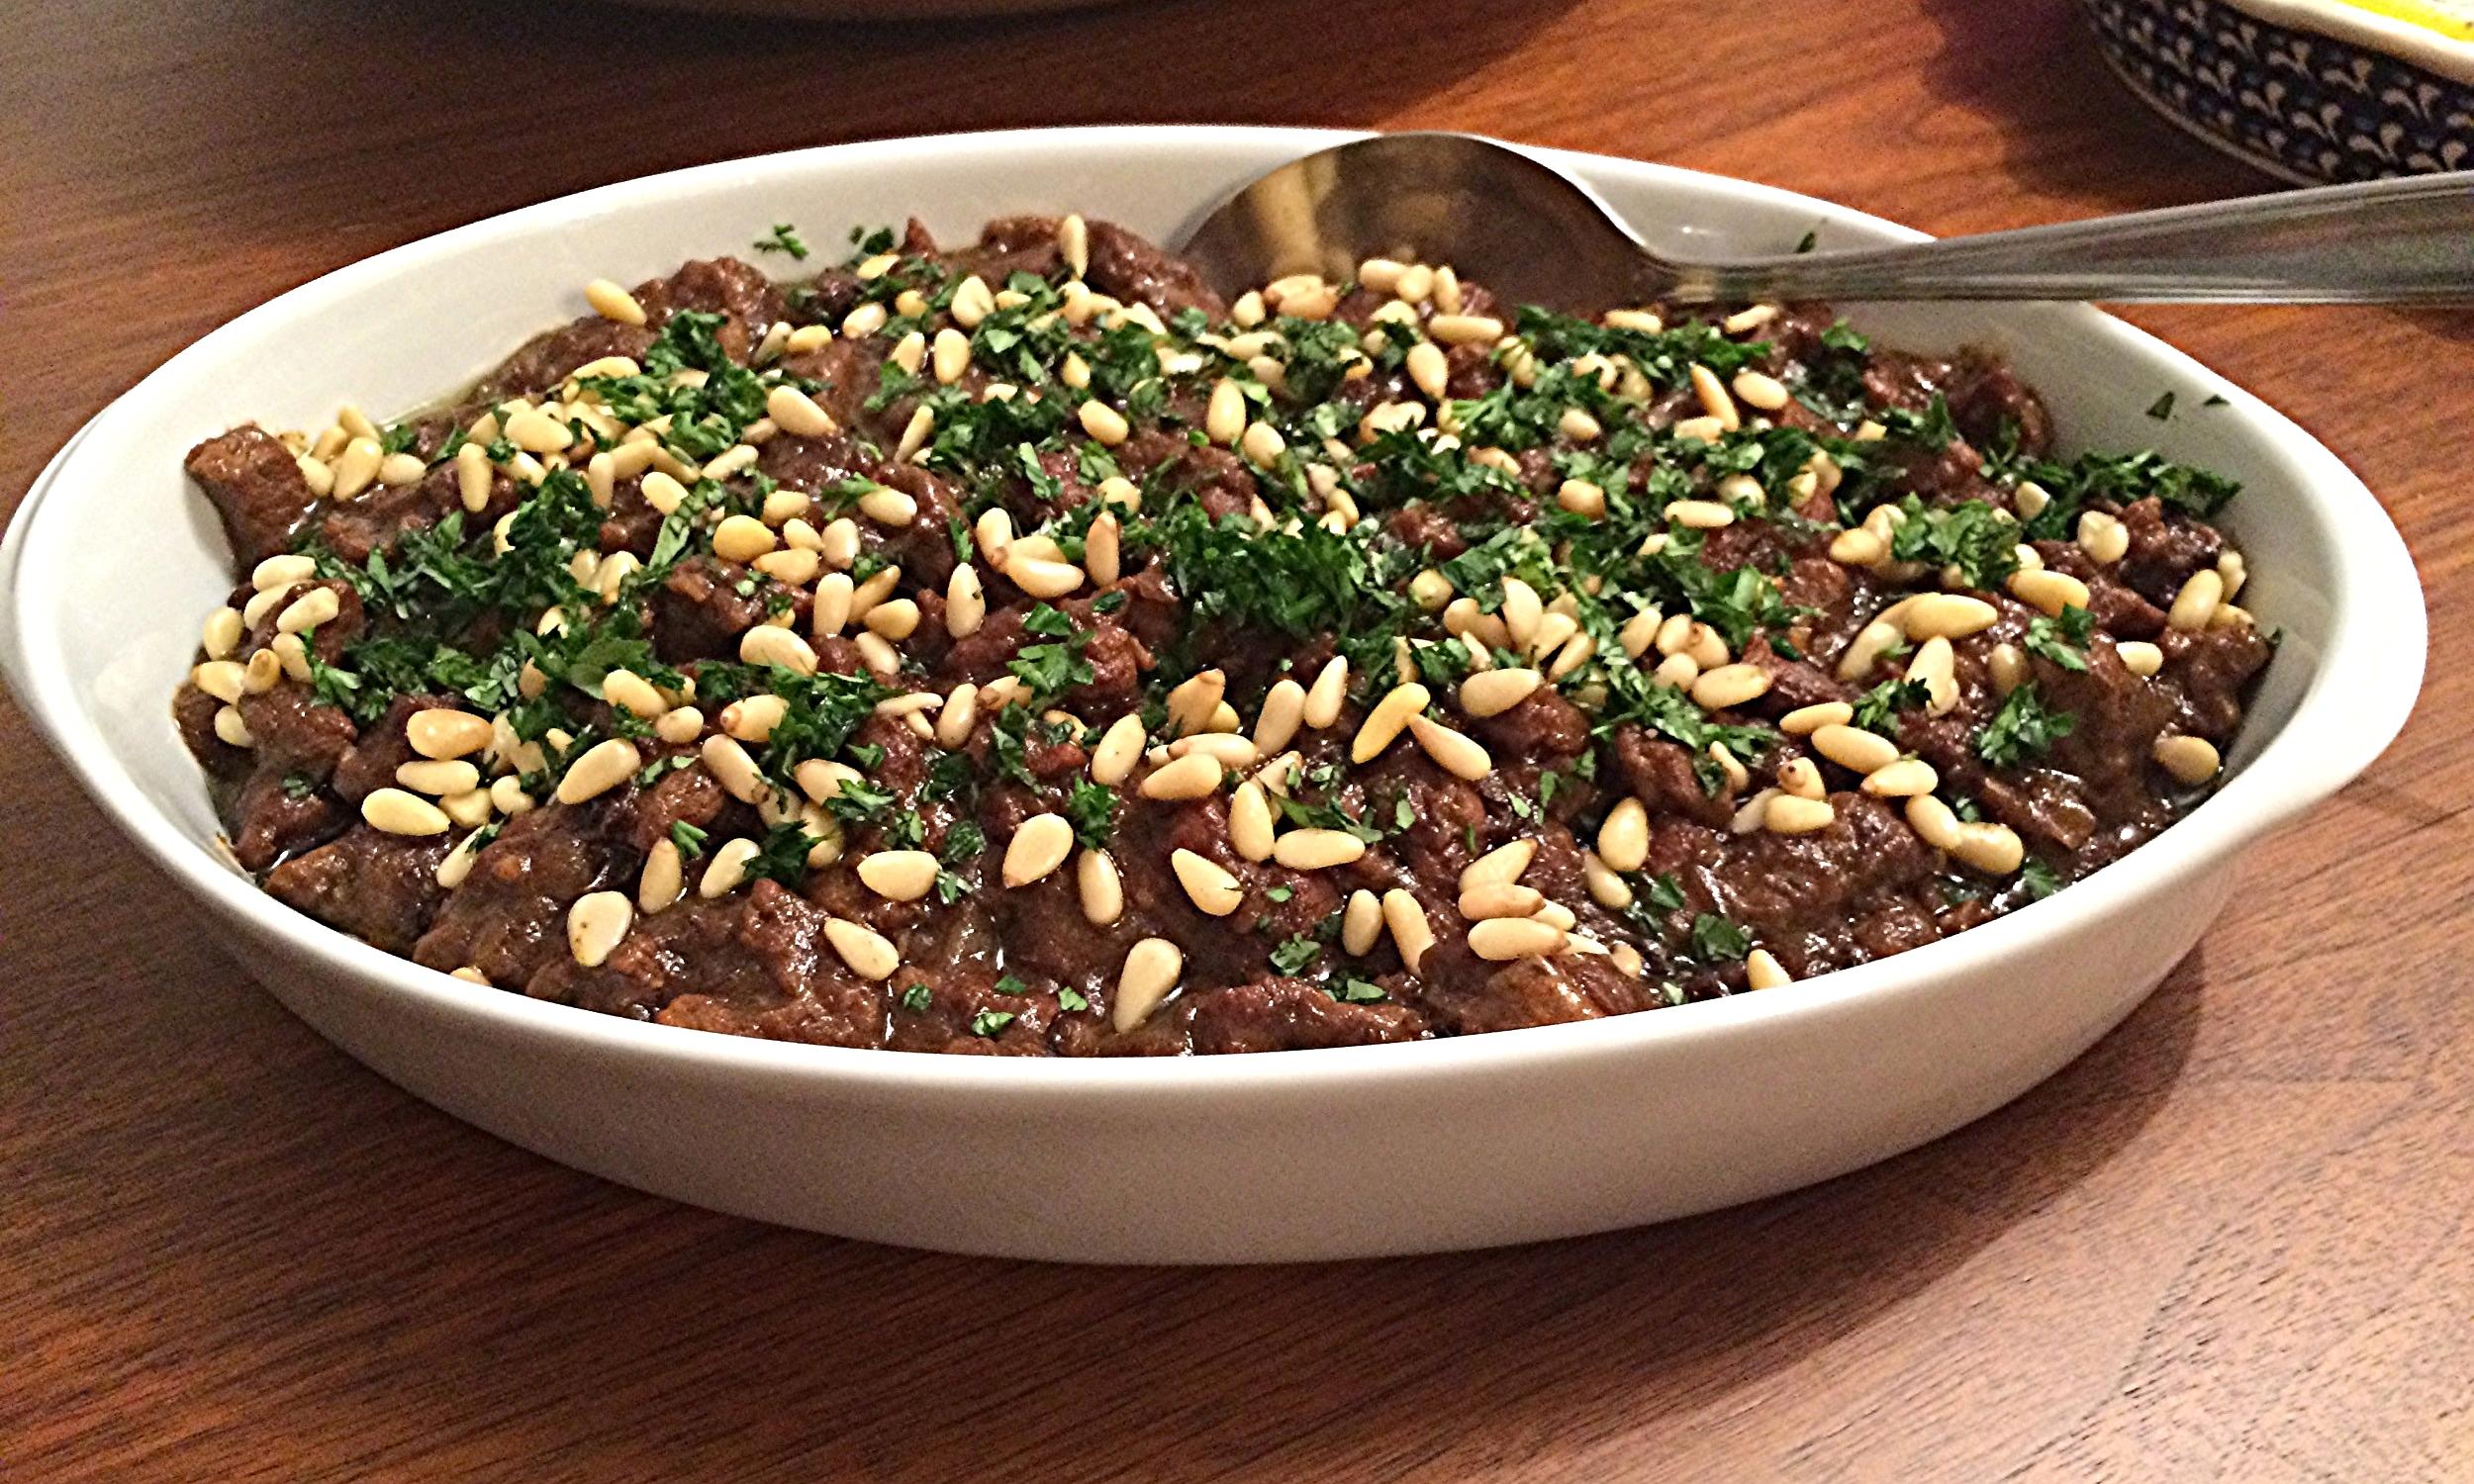 Ficou ótimo como recheio de pão pita, mas também fica excelente com cuscuz marroquino neutro ou arroz branco.